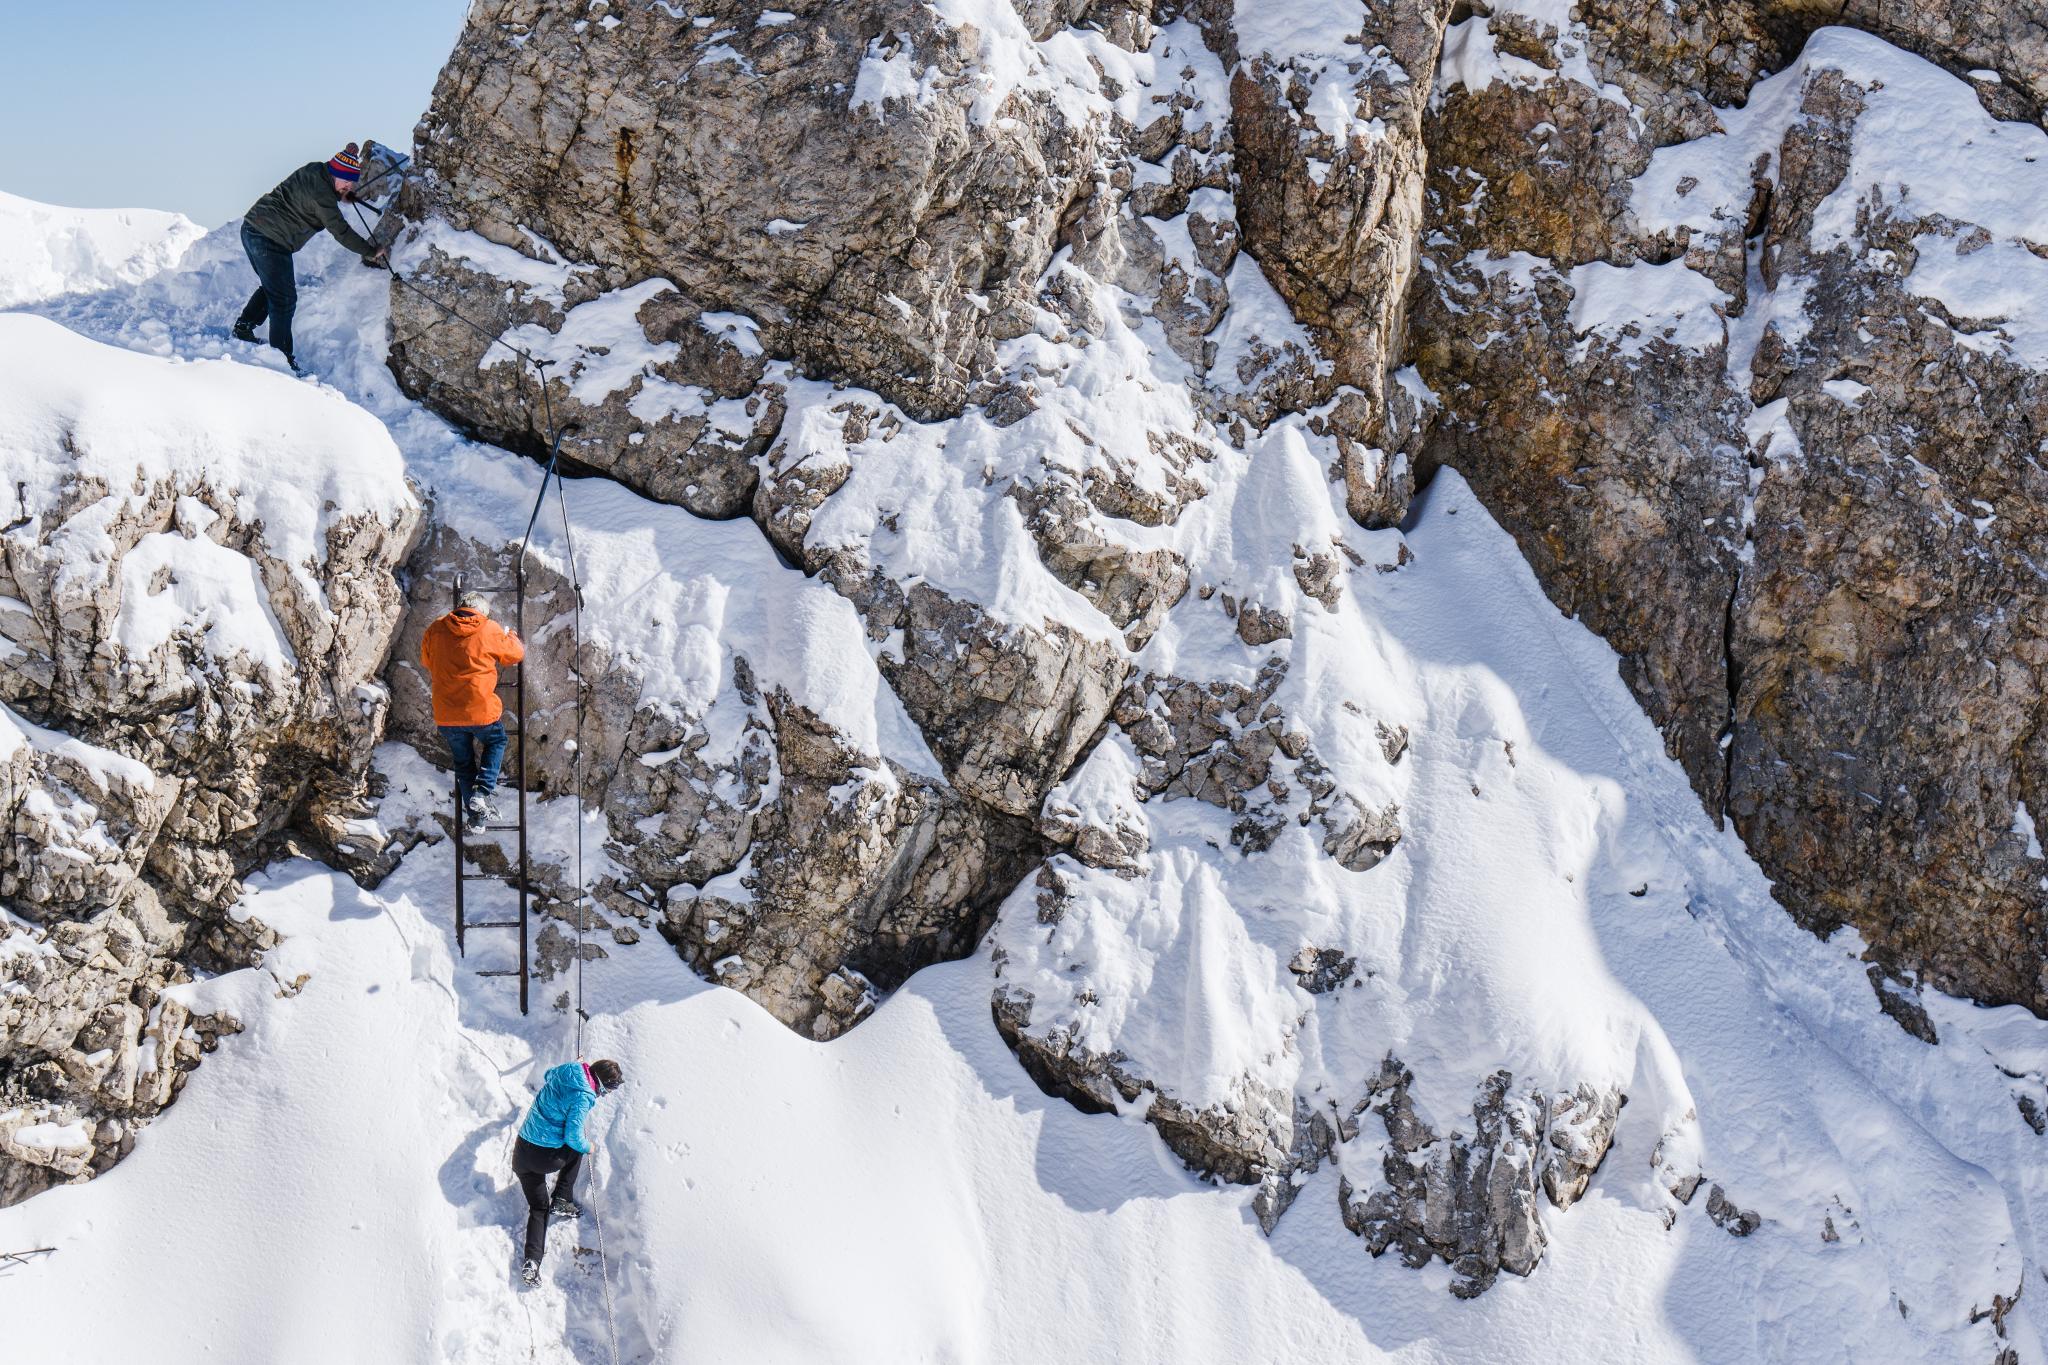 【德國】阿爾卑斯大道:楚格峰 (Zugspitze) 登上德國之巔 54